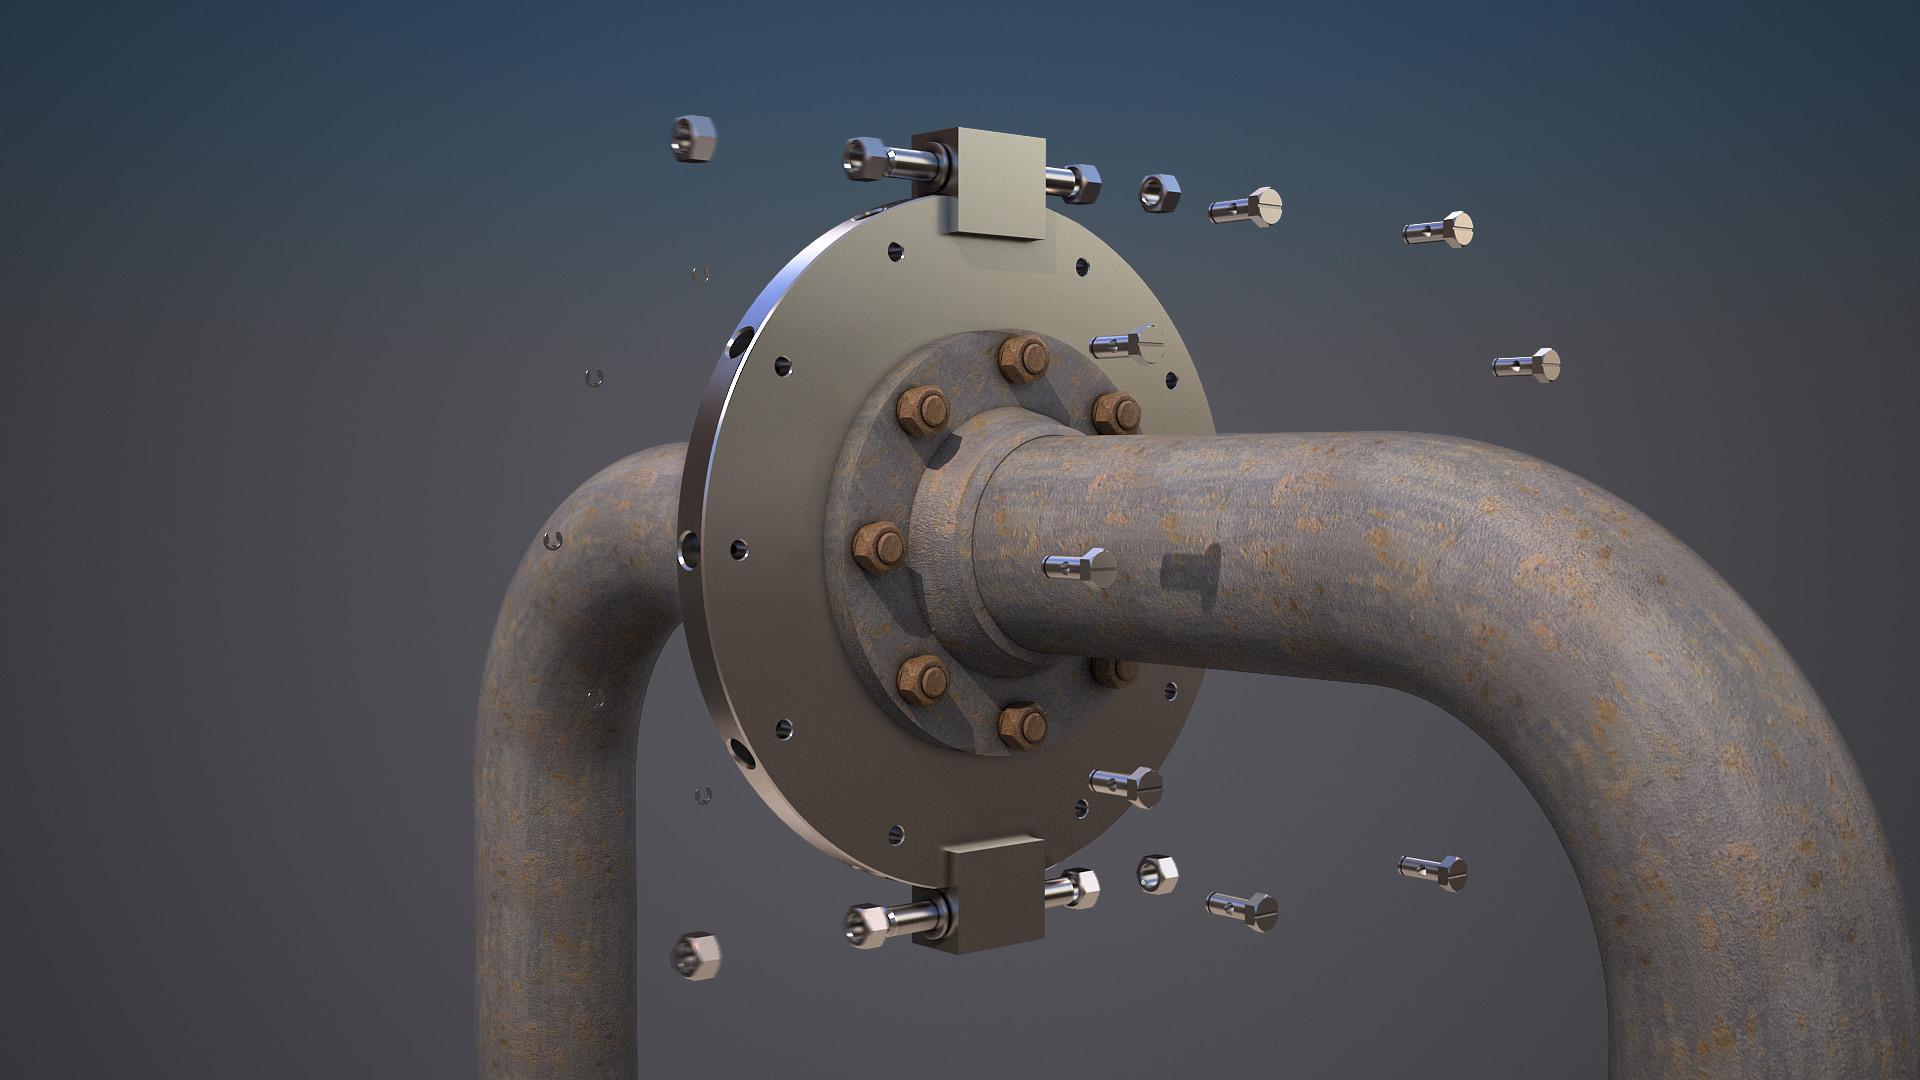 Техническая 3d-анимация. Сборка механизма.